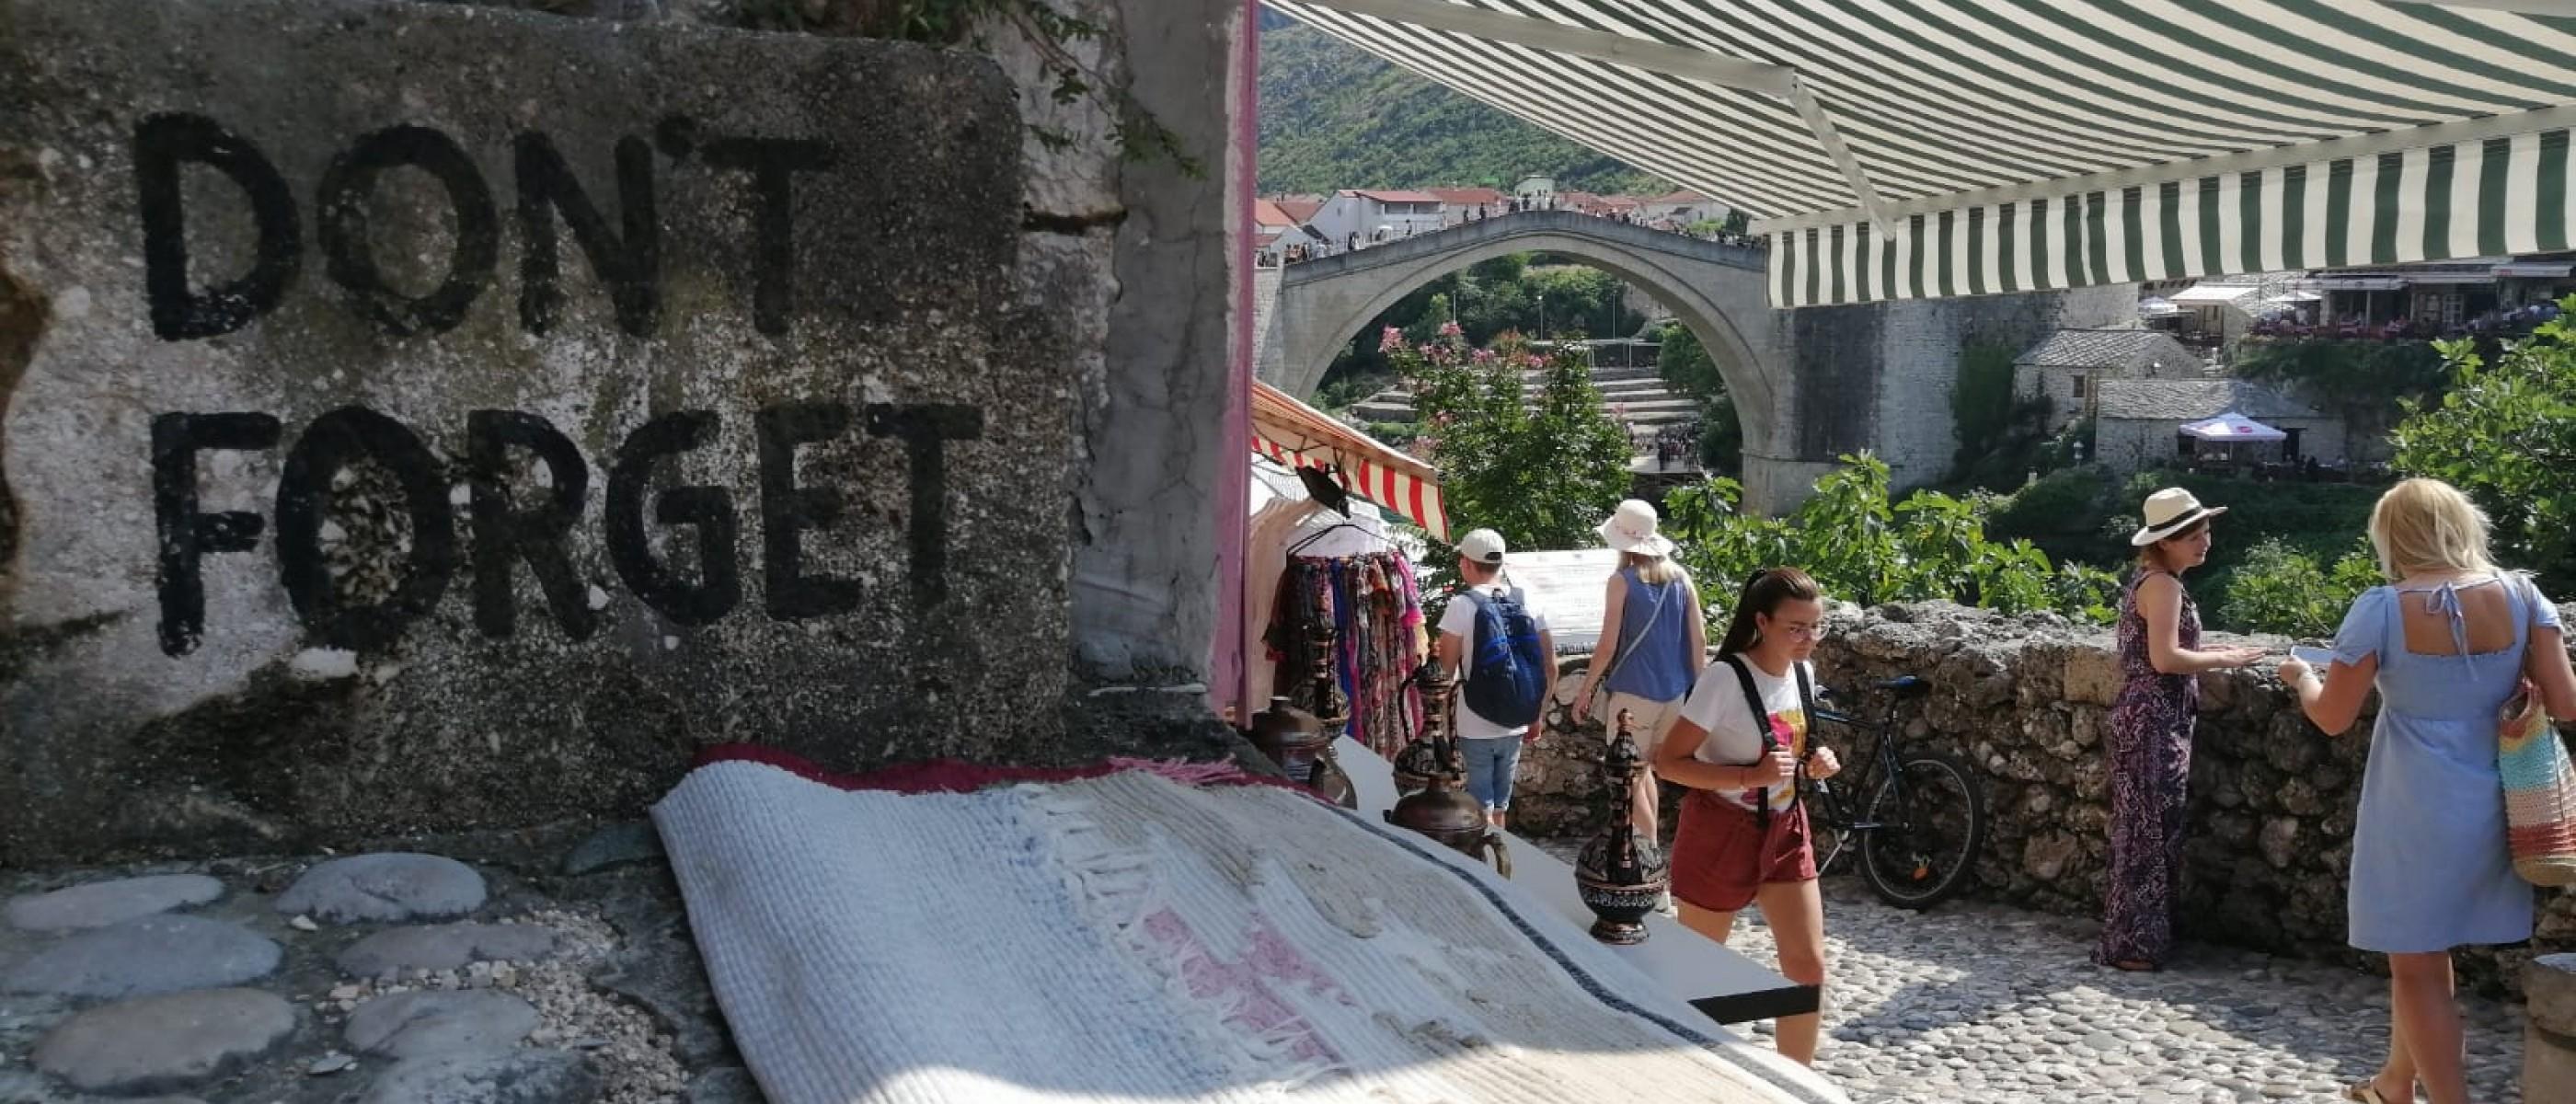 Come Abbattere Un Muro i balcani dopo l'89, quando i ponti divennero muri